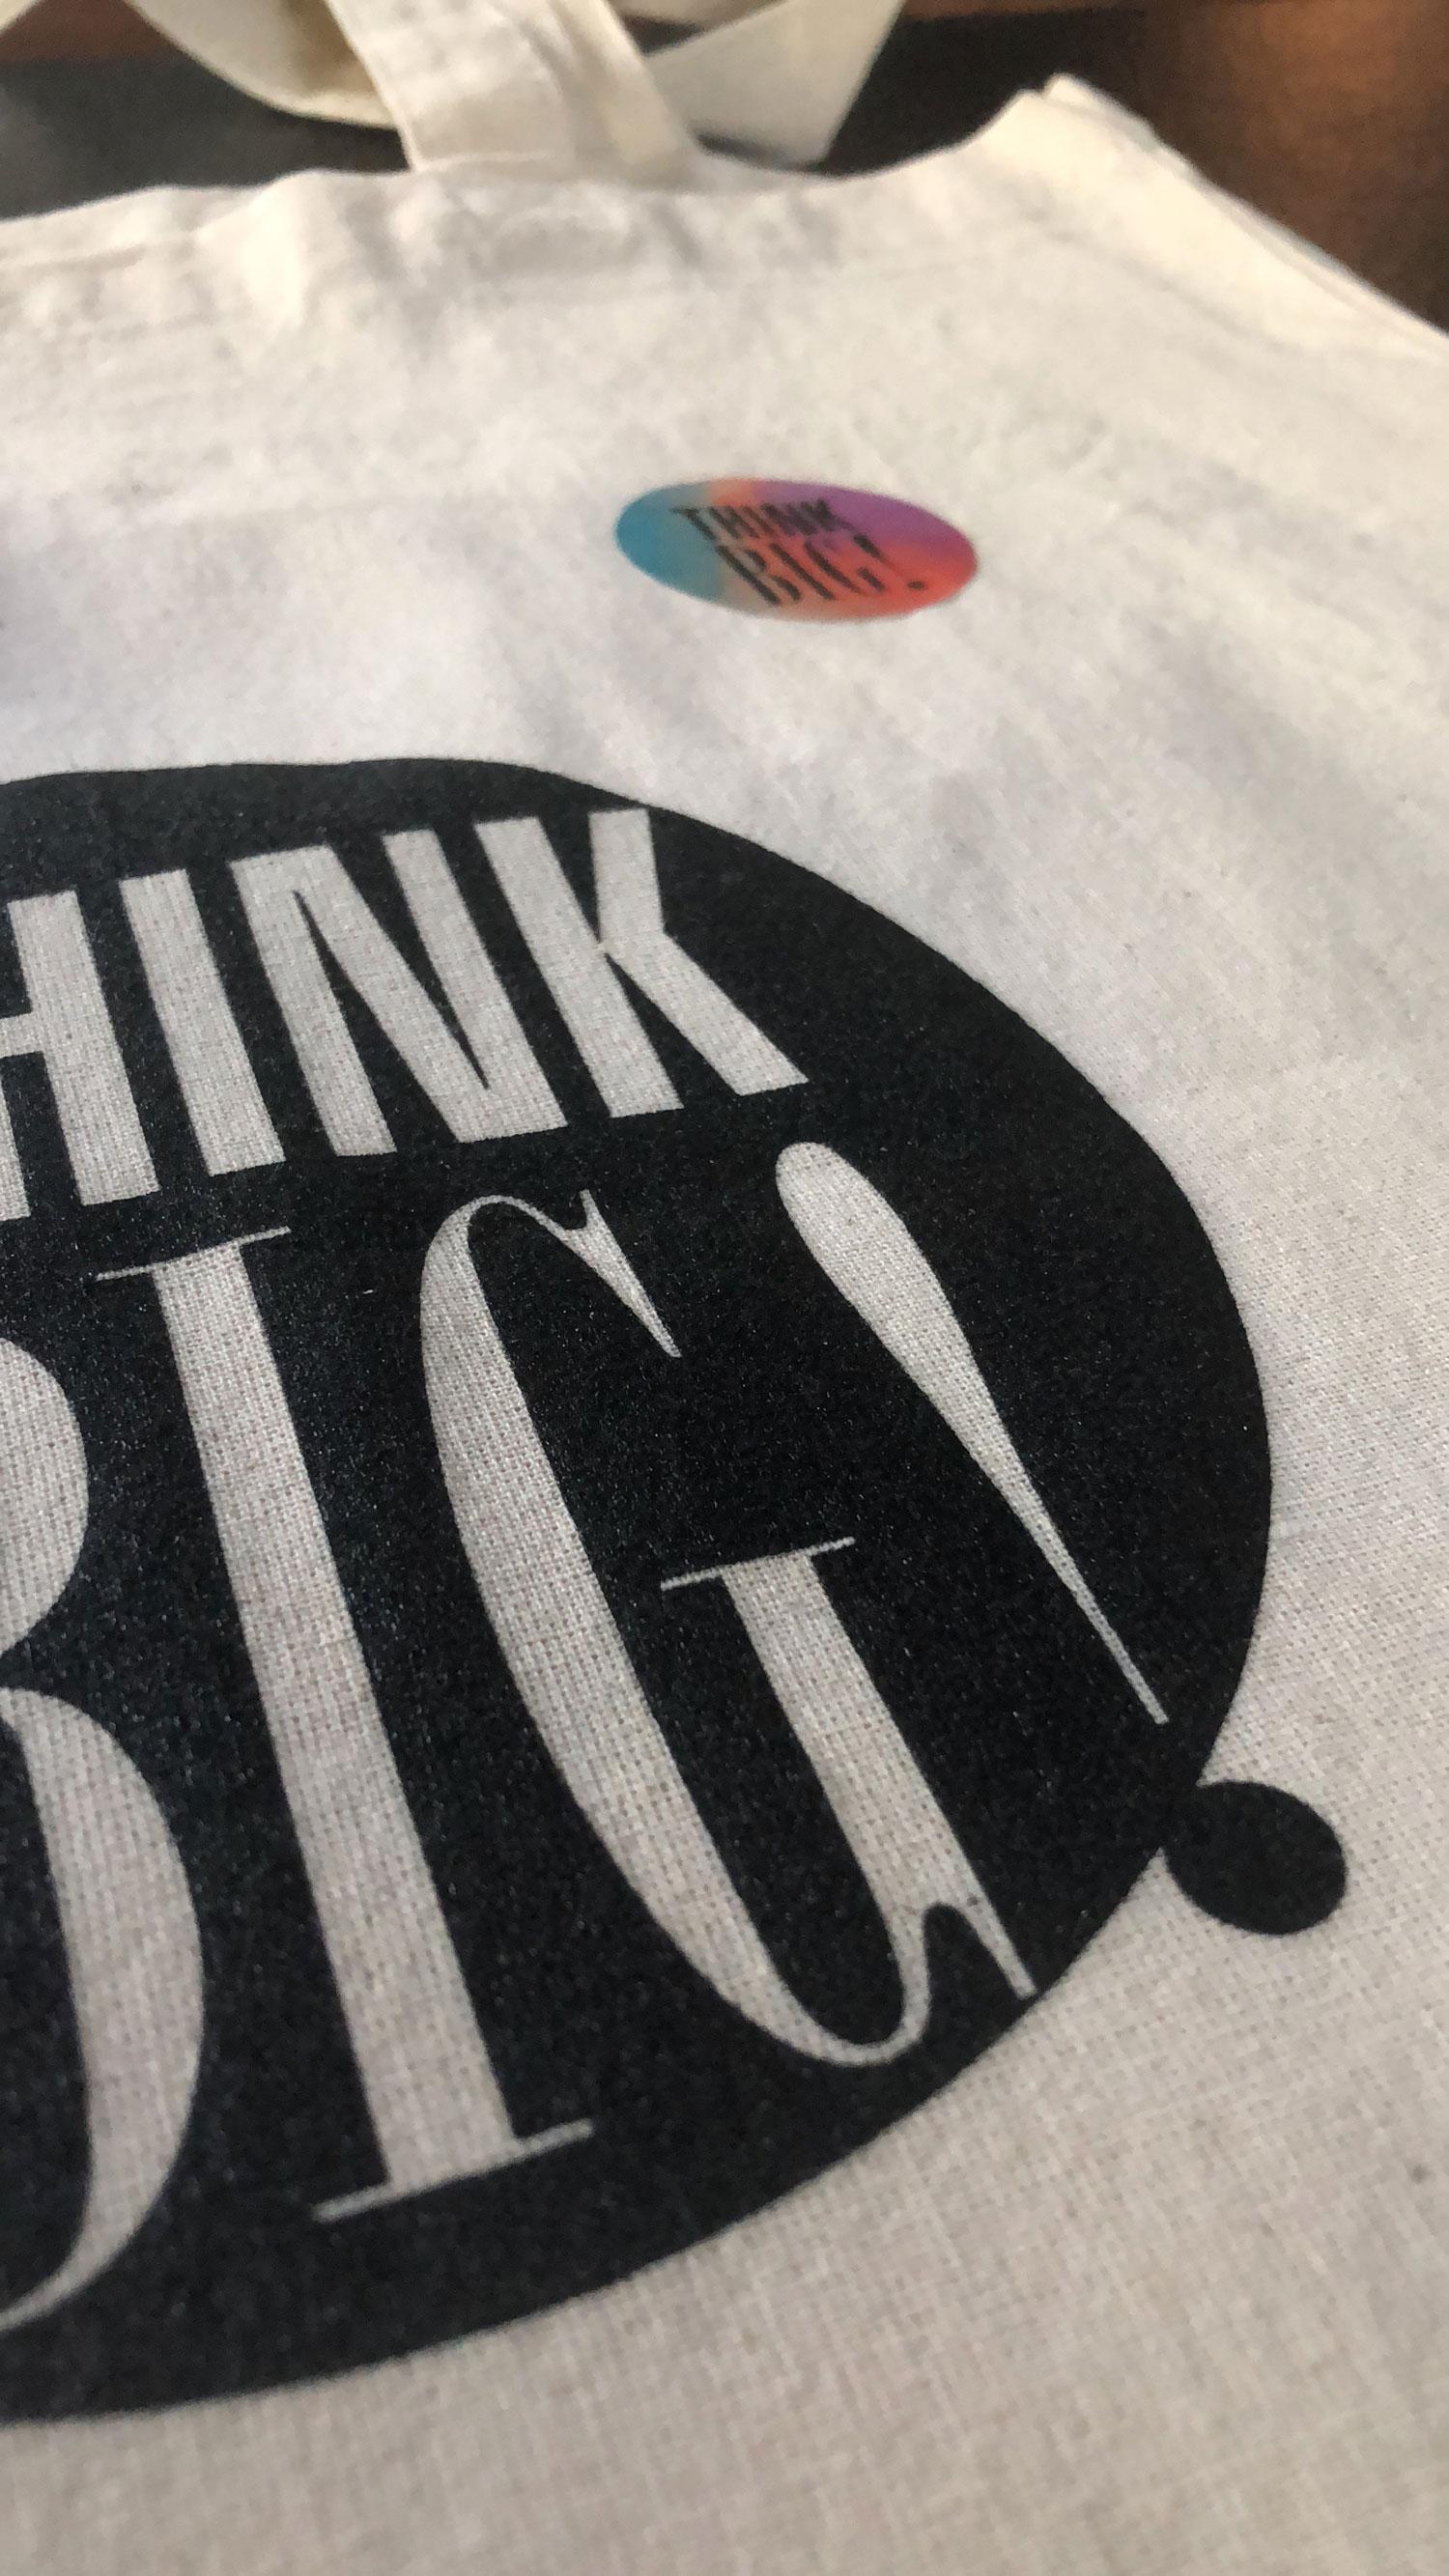 THINK BIG #6 – Festival 2018